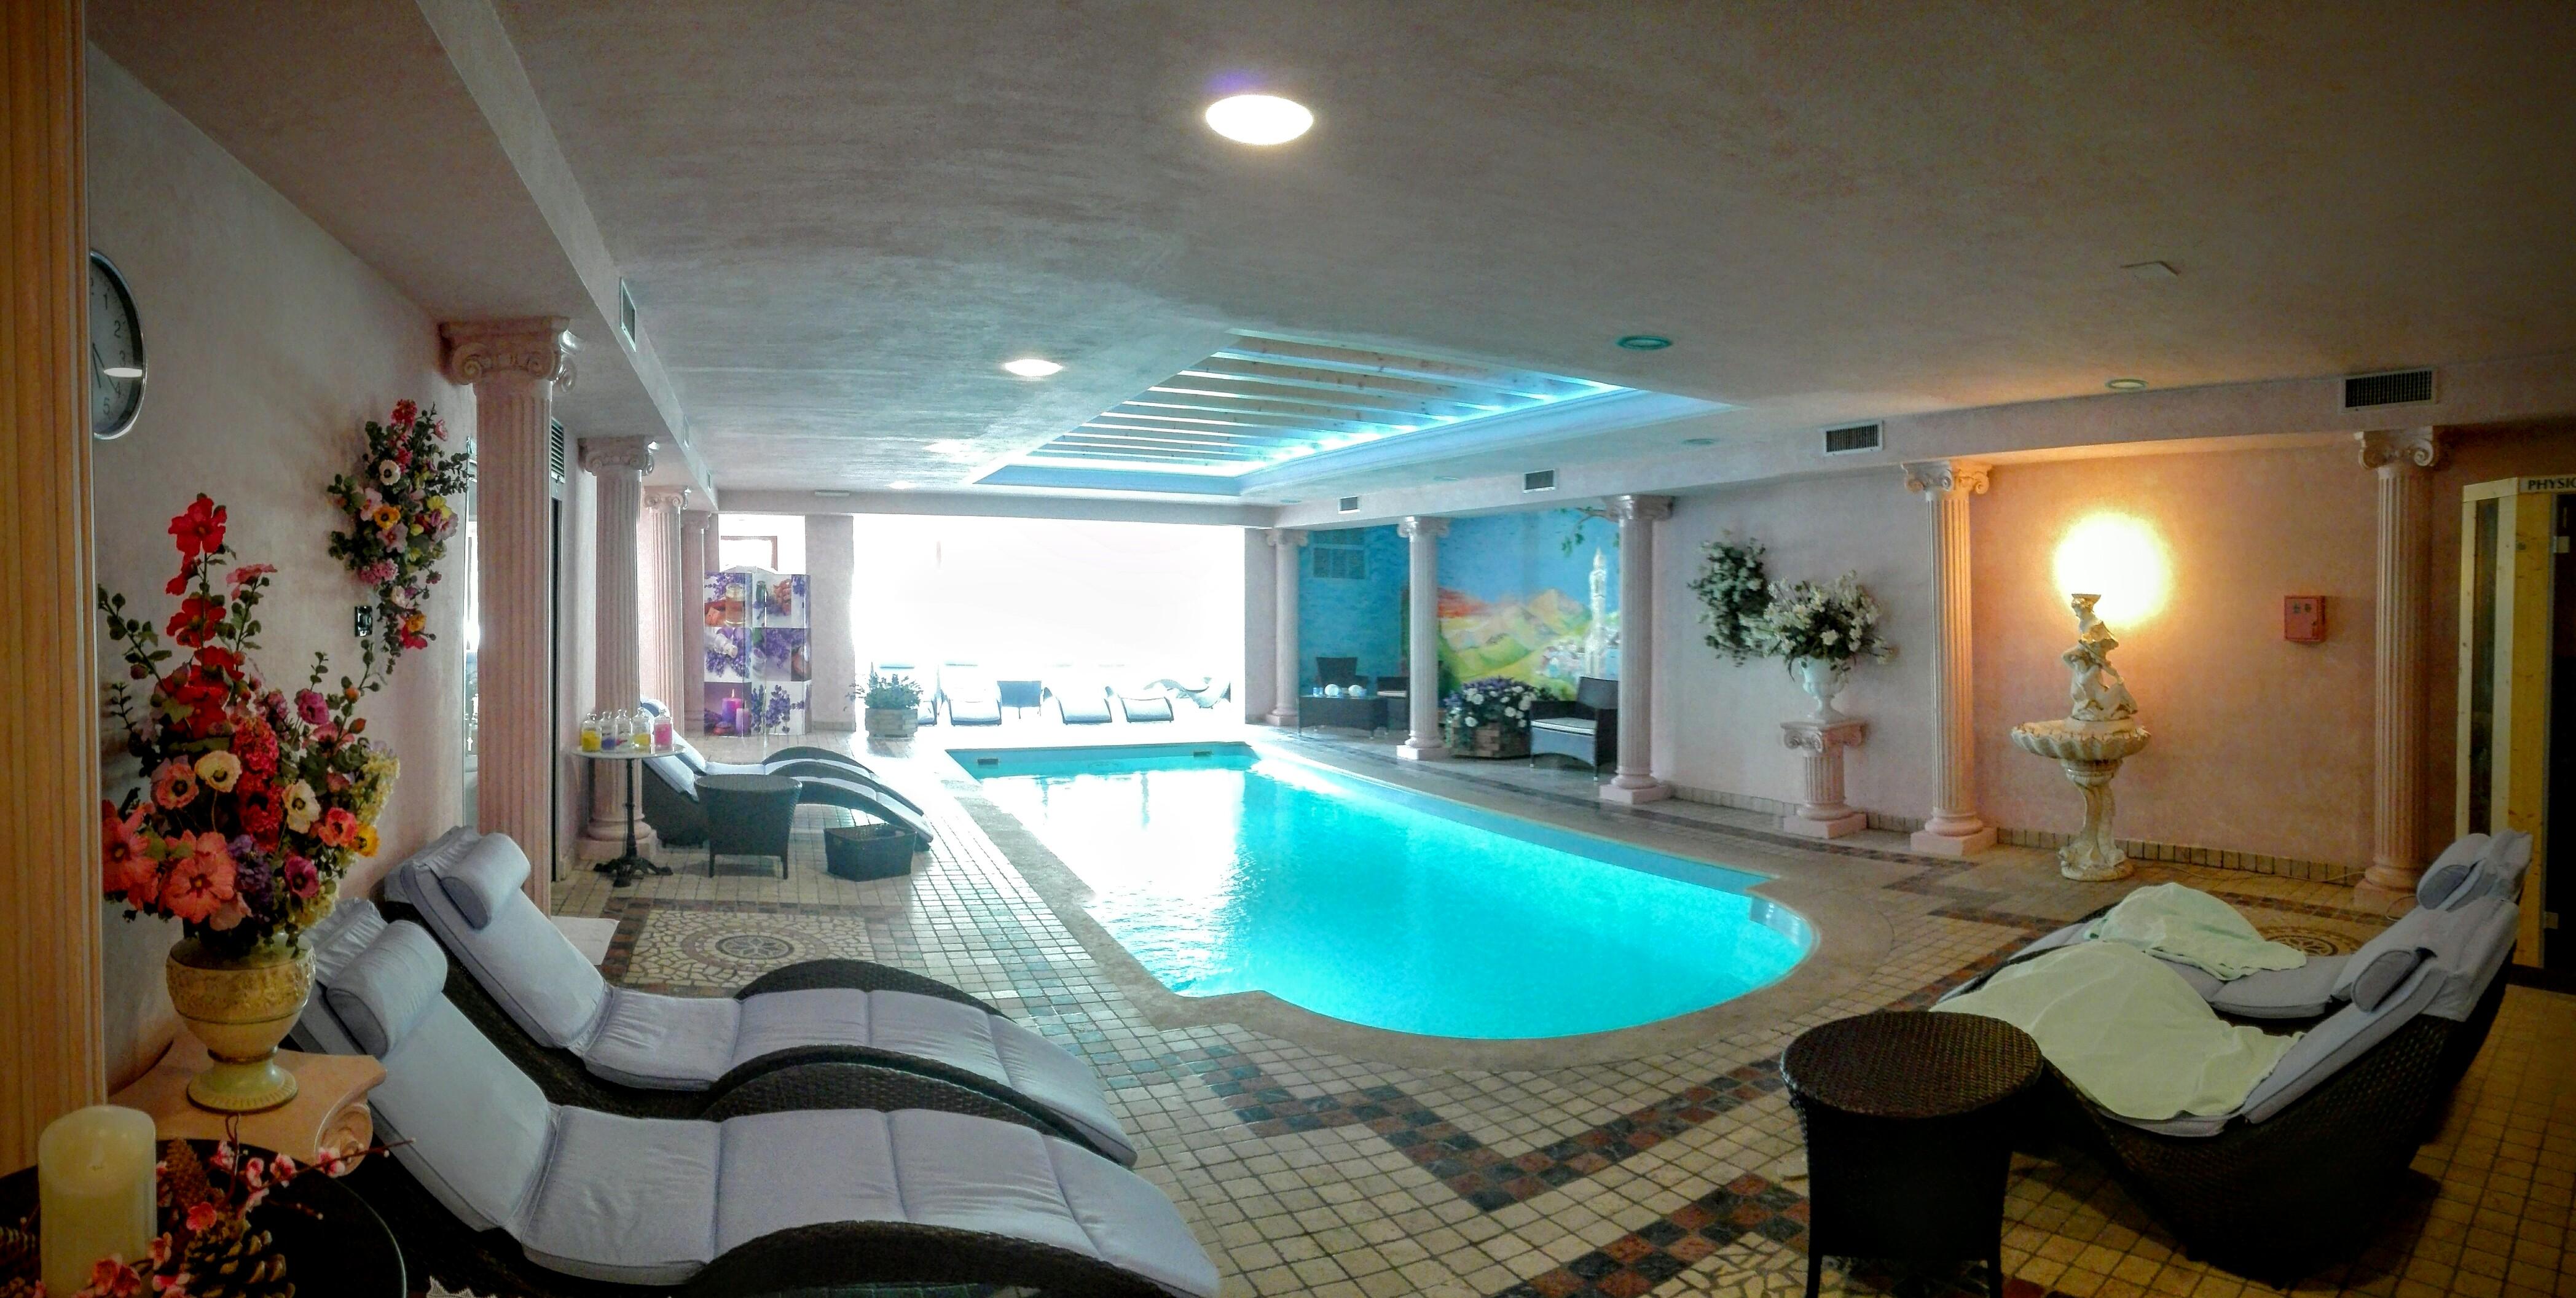 La zona di relax con piscina Sophie